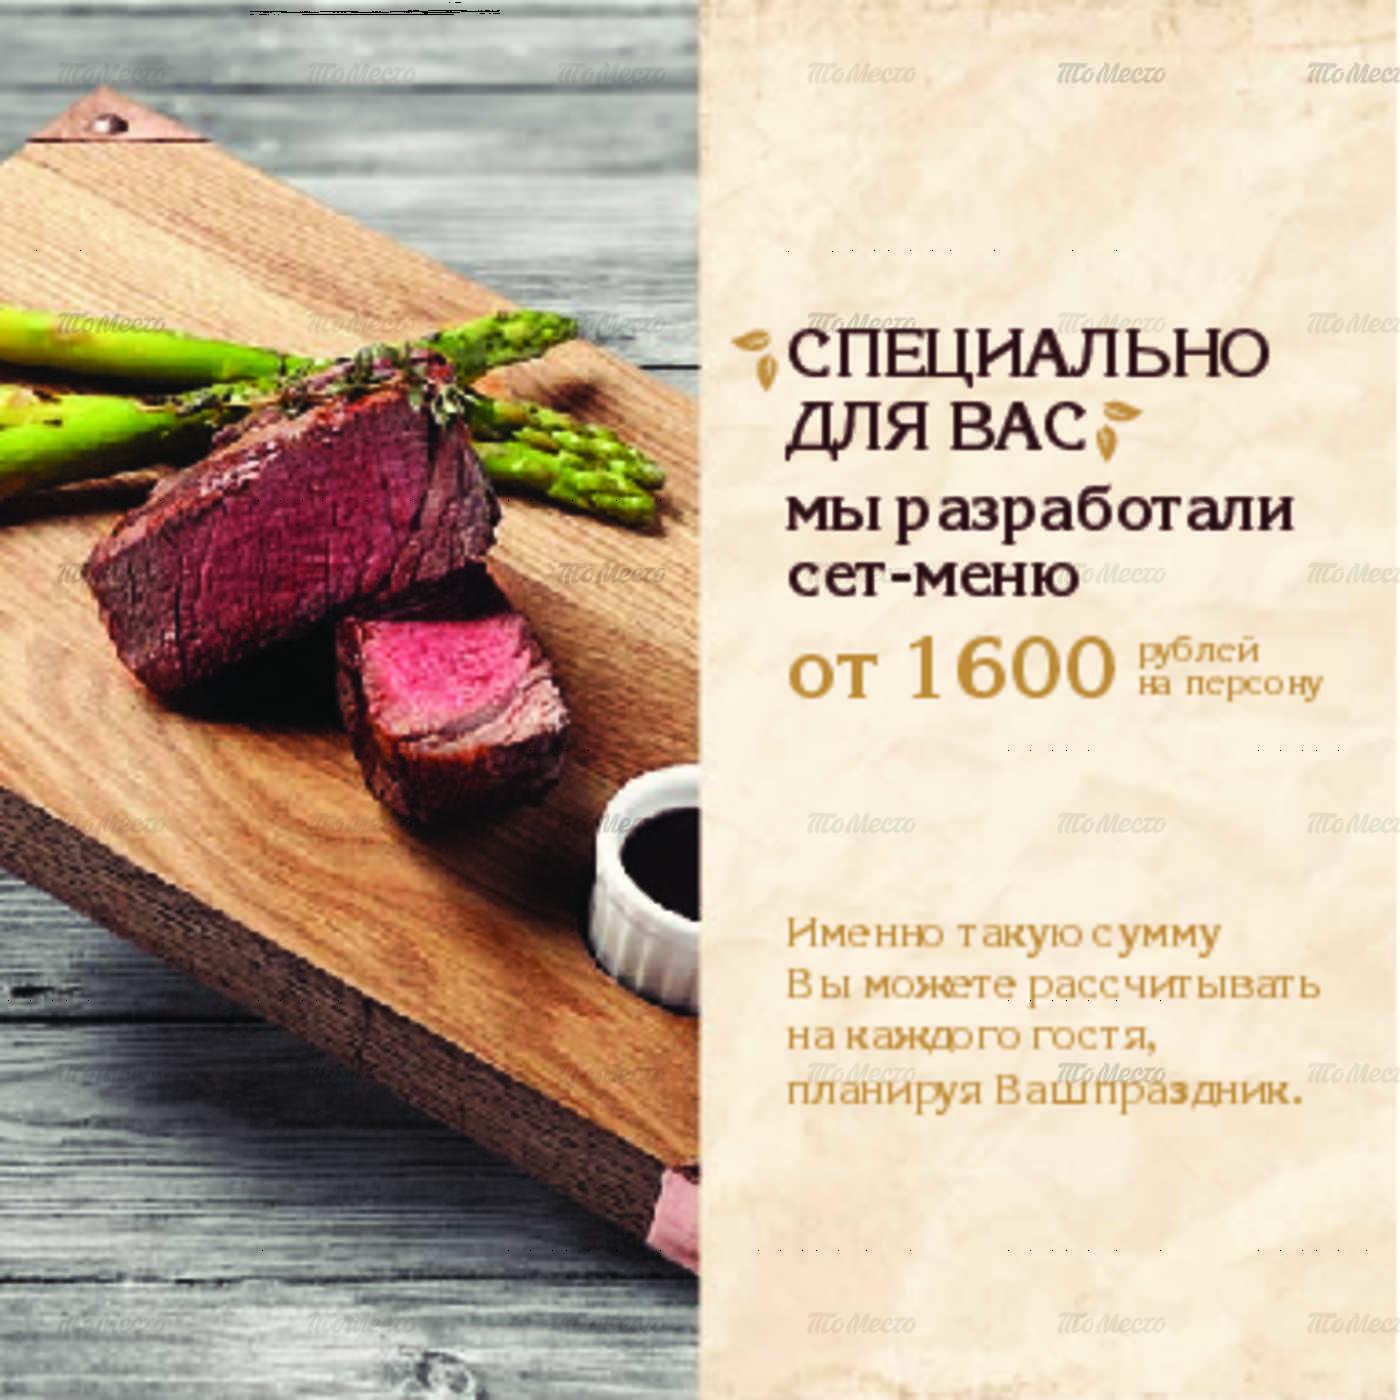 Банкетный зал ресторана Строганов Бар и Гриль в поселке Репино, на Приморском шоссе фото 1